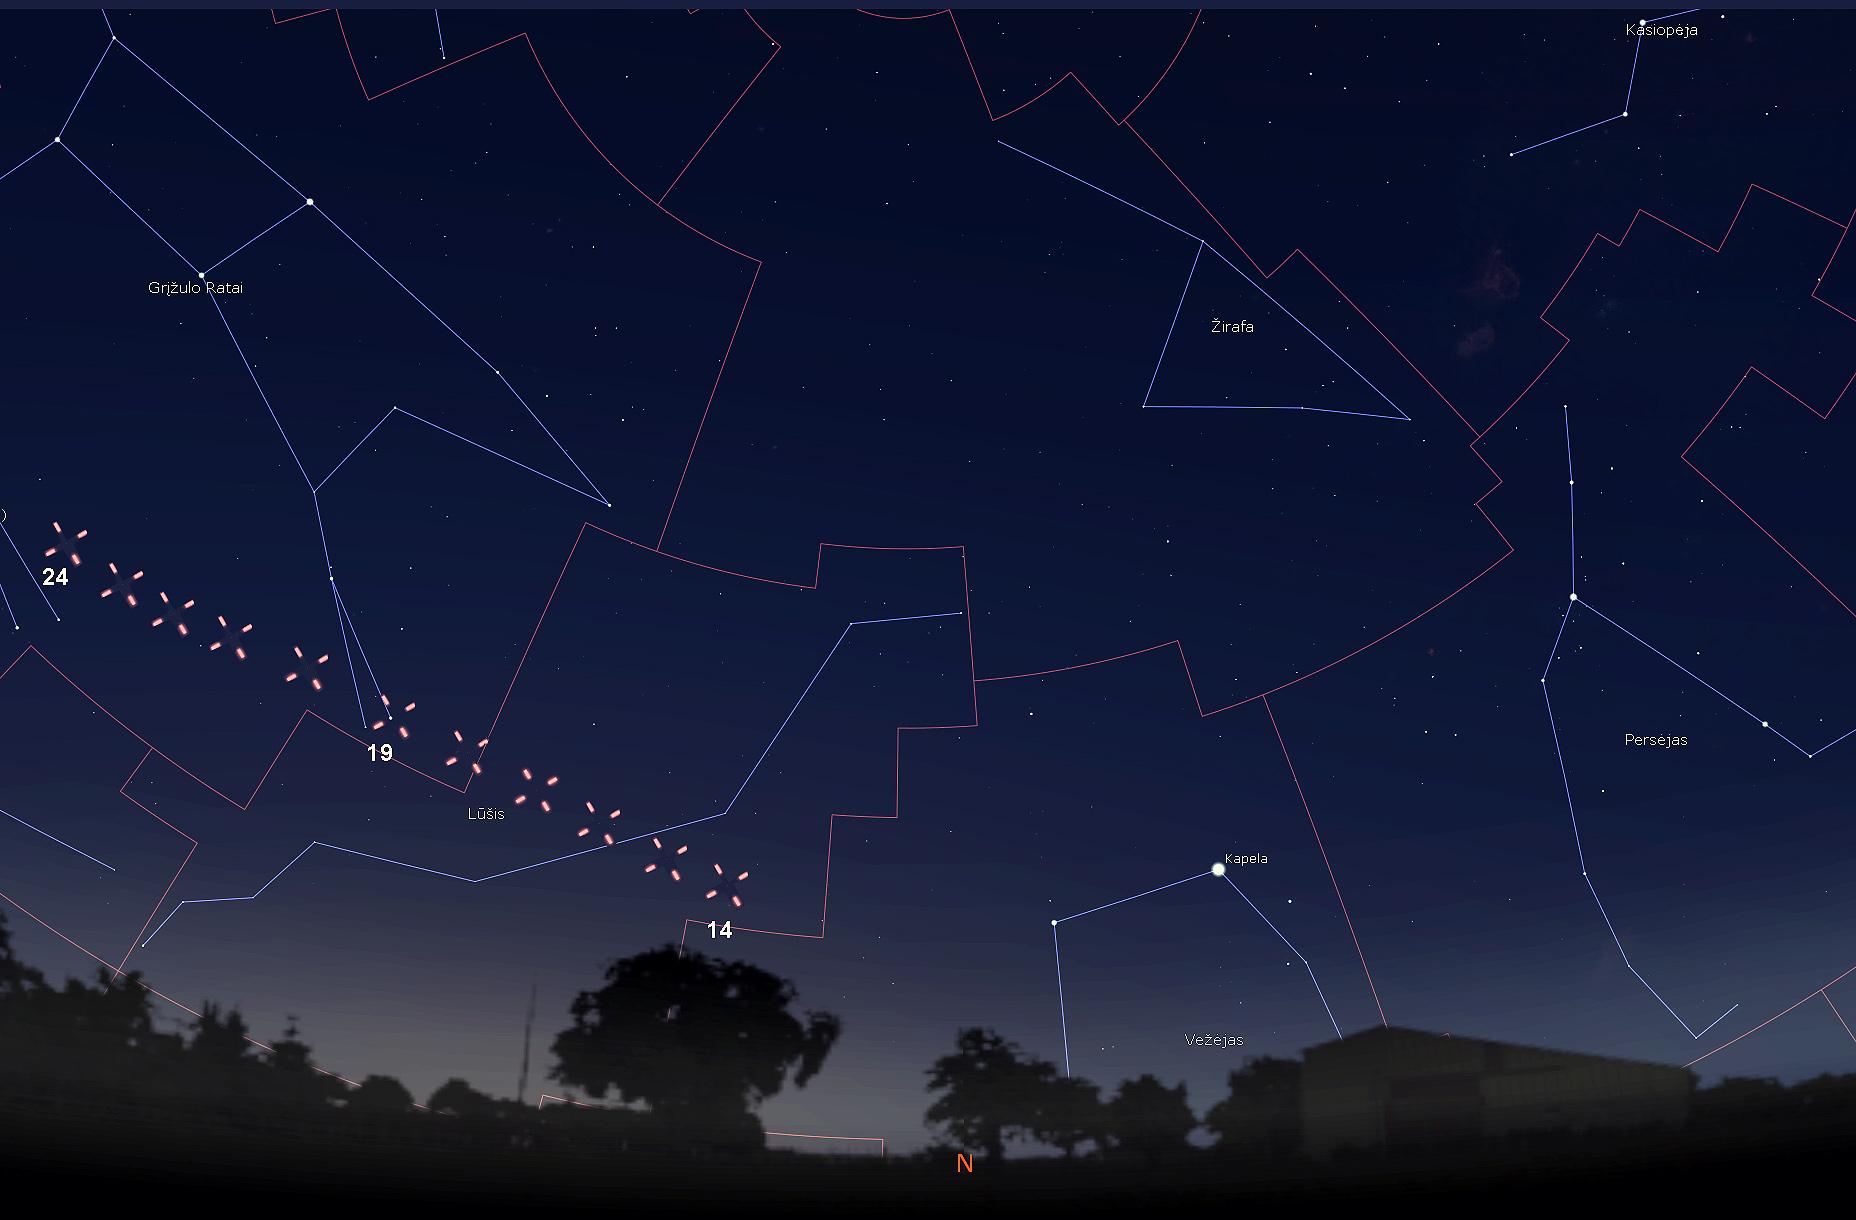 C/2020 F3 (NEOWISE) kometos kelias tarp žvaigždžių liepos 14-23 naktimis | Stellarium programa, J. Vaiškūno pieš.